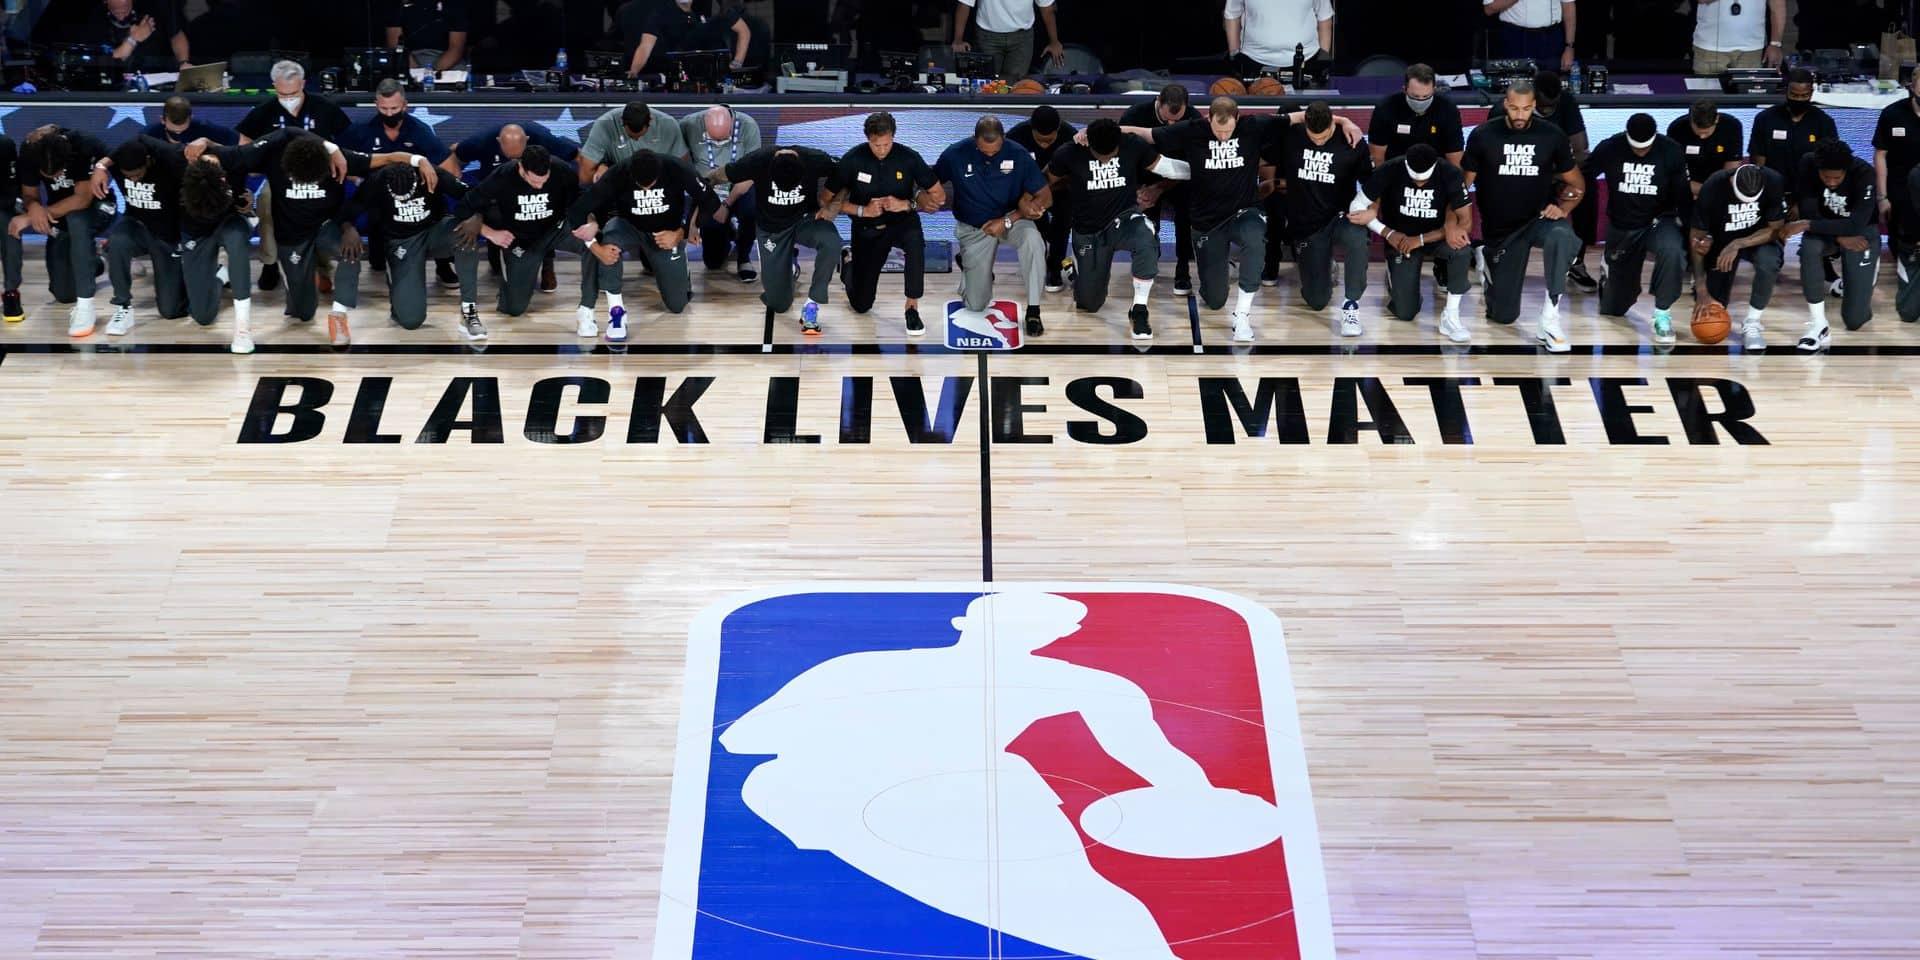 Les playoffs de NBA reprendront samedi, après le boycott des joueurs